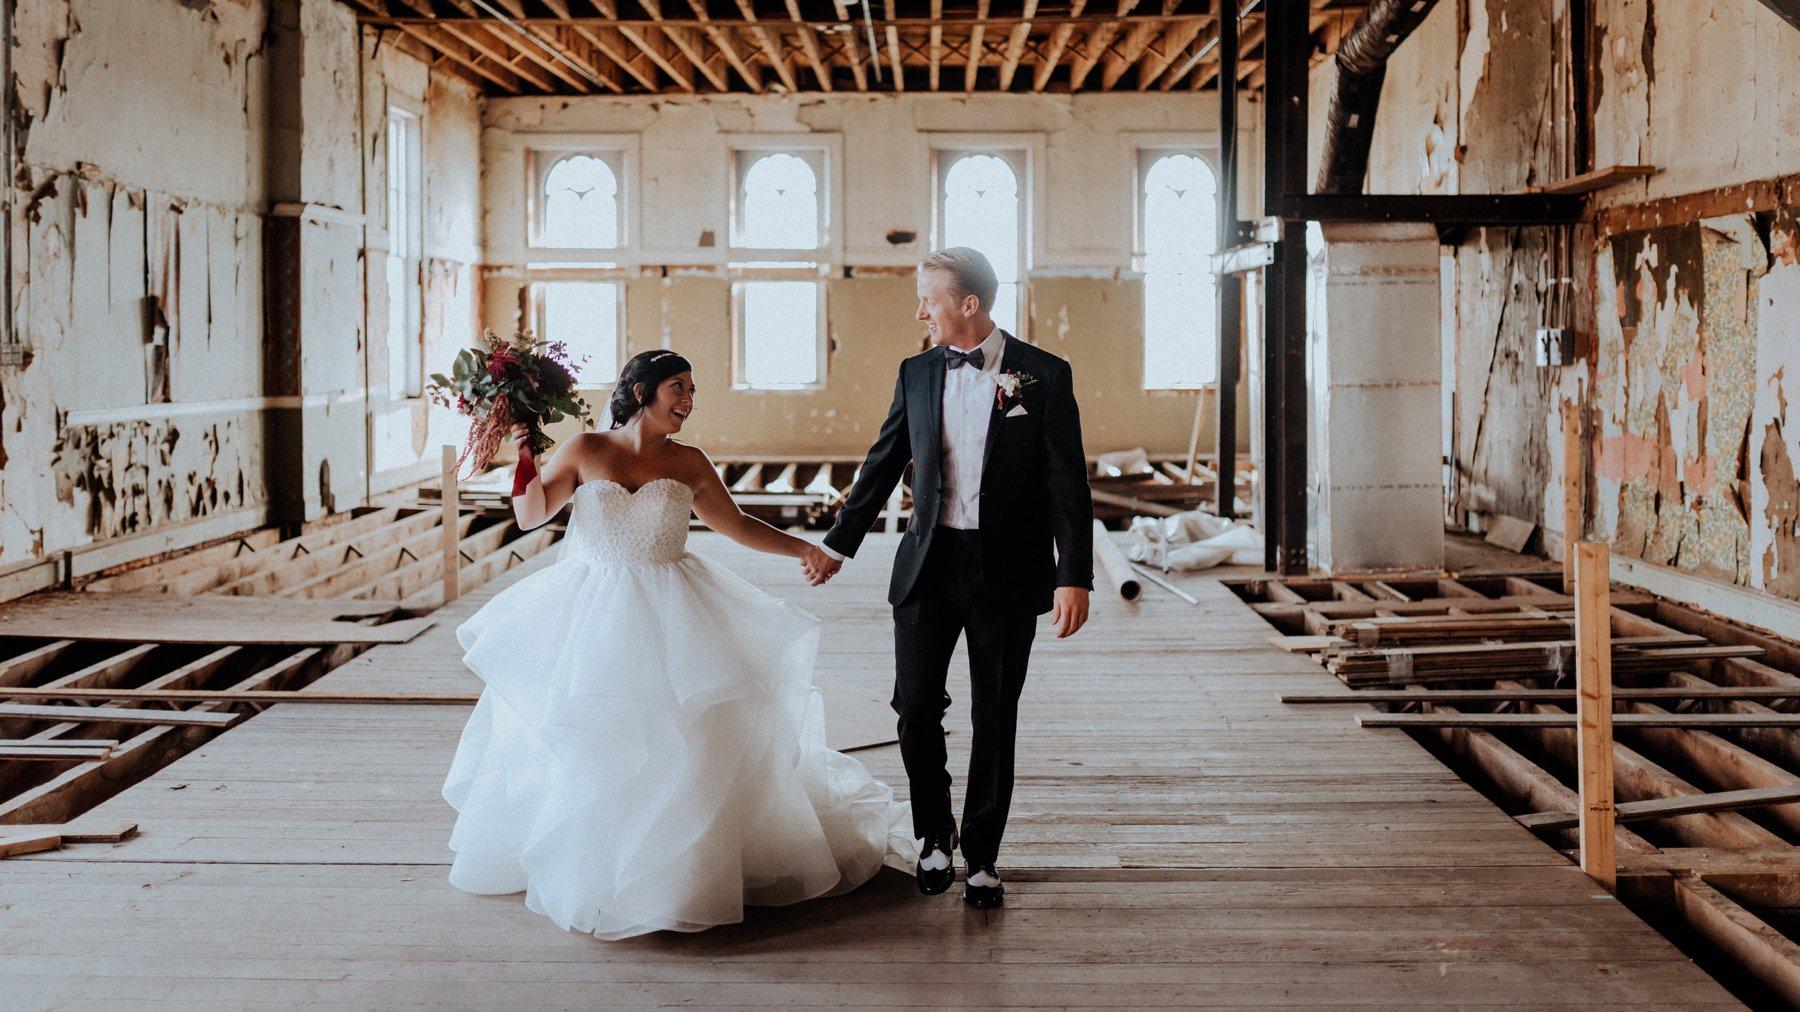 151-145-excelsior-lancaster-wedding-7.jpg